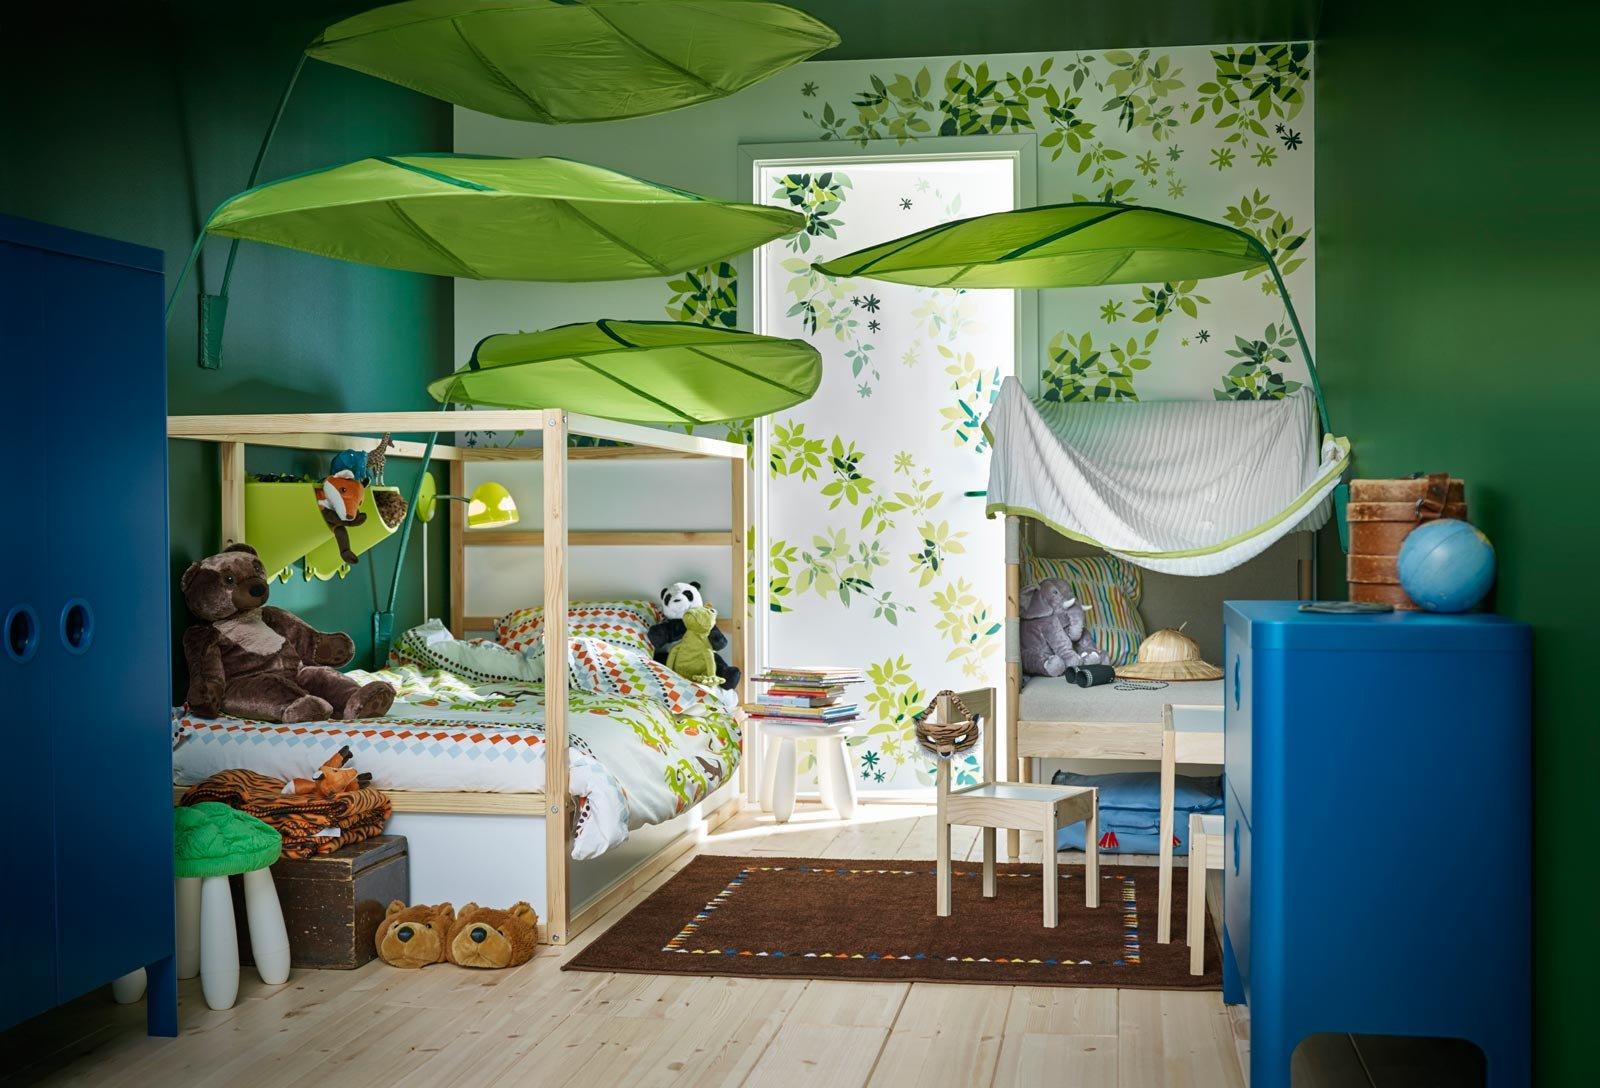 scegliere la cameretta 14 soluzioni per tutti gli spazi cose di casa. Black Bedroom Furniture Sets. Home Design Ideas